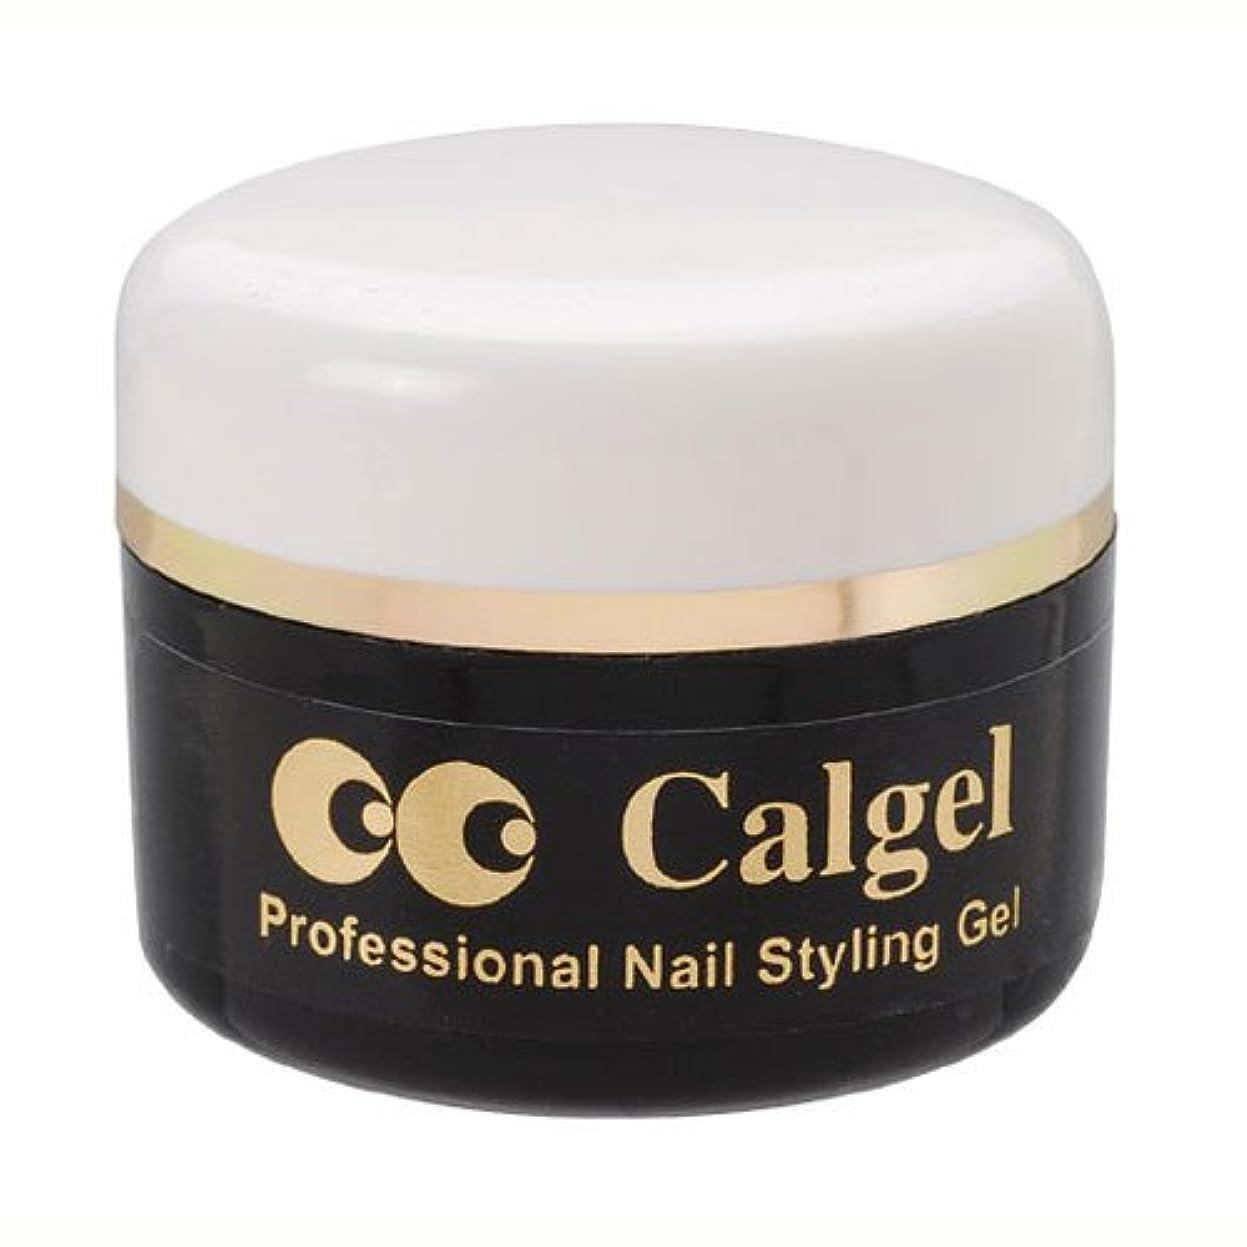 葉を集める終わった静脈Calgel クリアジェル 10g CG0 ベース/トップジェル